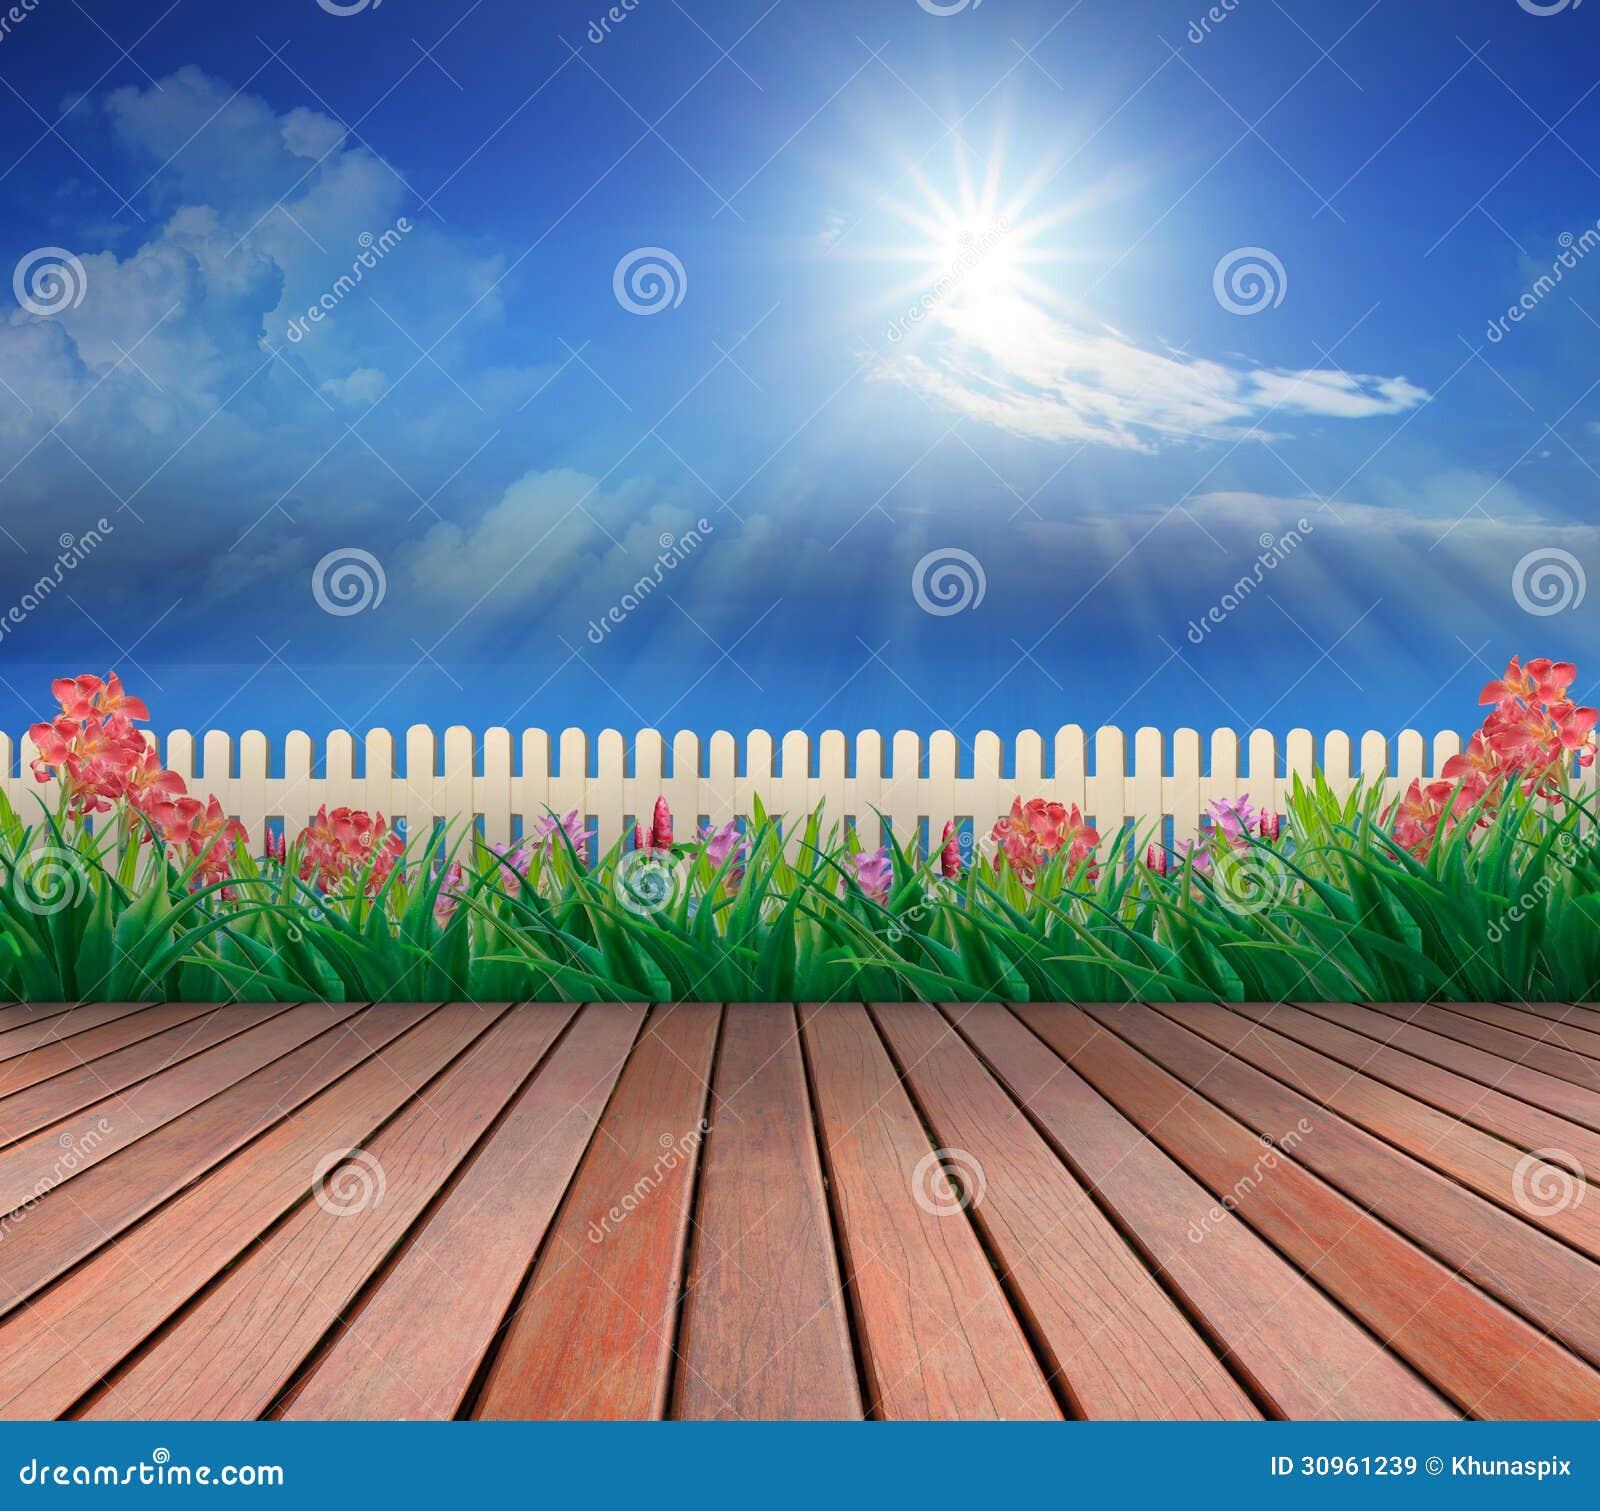 Jardin En Bois De Terrasse Et De Fleurs Avec Le Ciel Bleu Et Le Soleil Ci-dessus Illustration ...